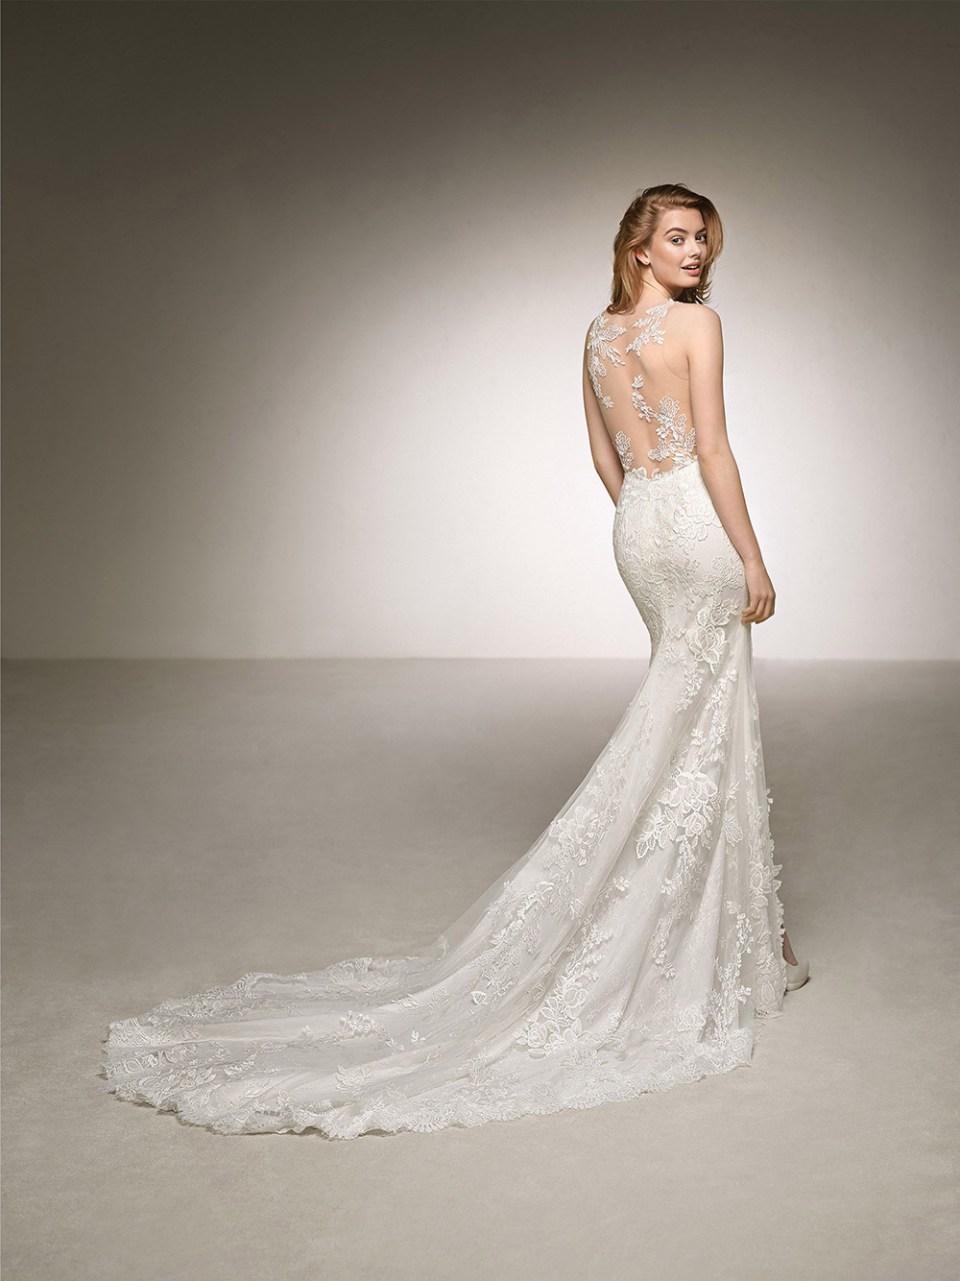 Dauco - Pronovias 2018 Bridal Collection. www.theweddingnotebook.com